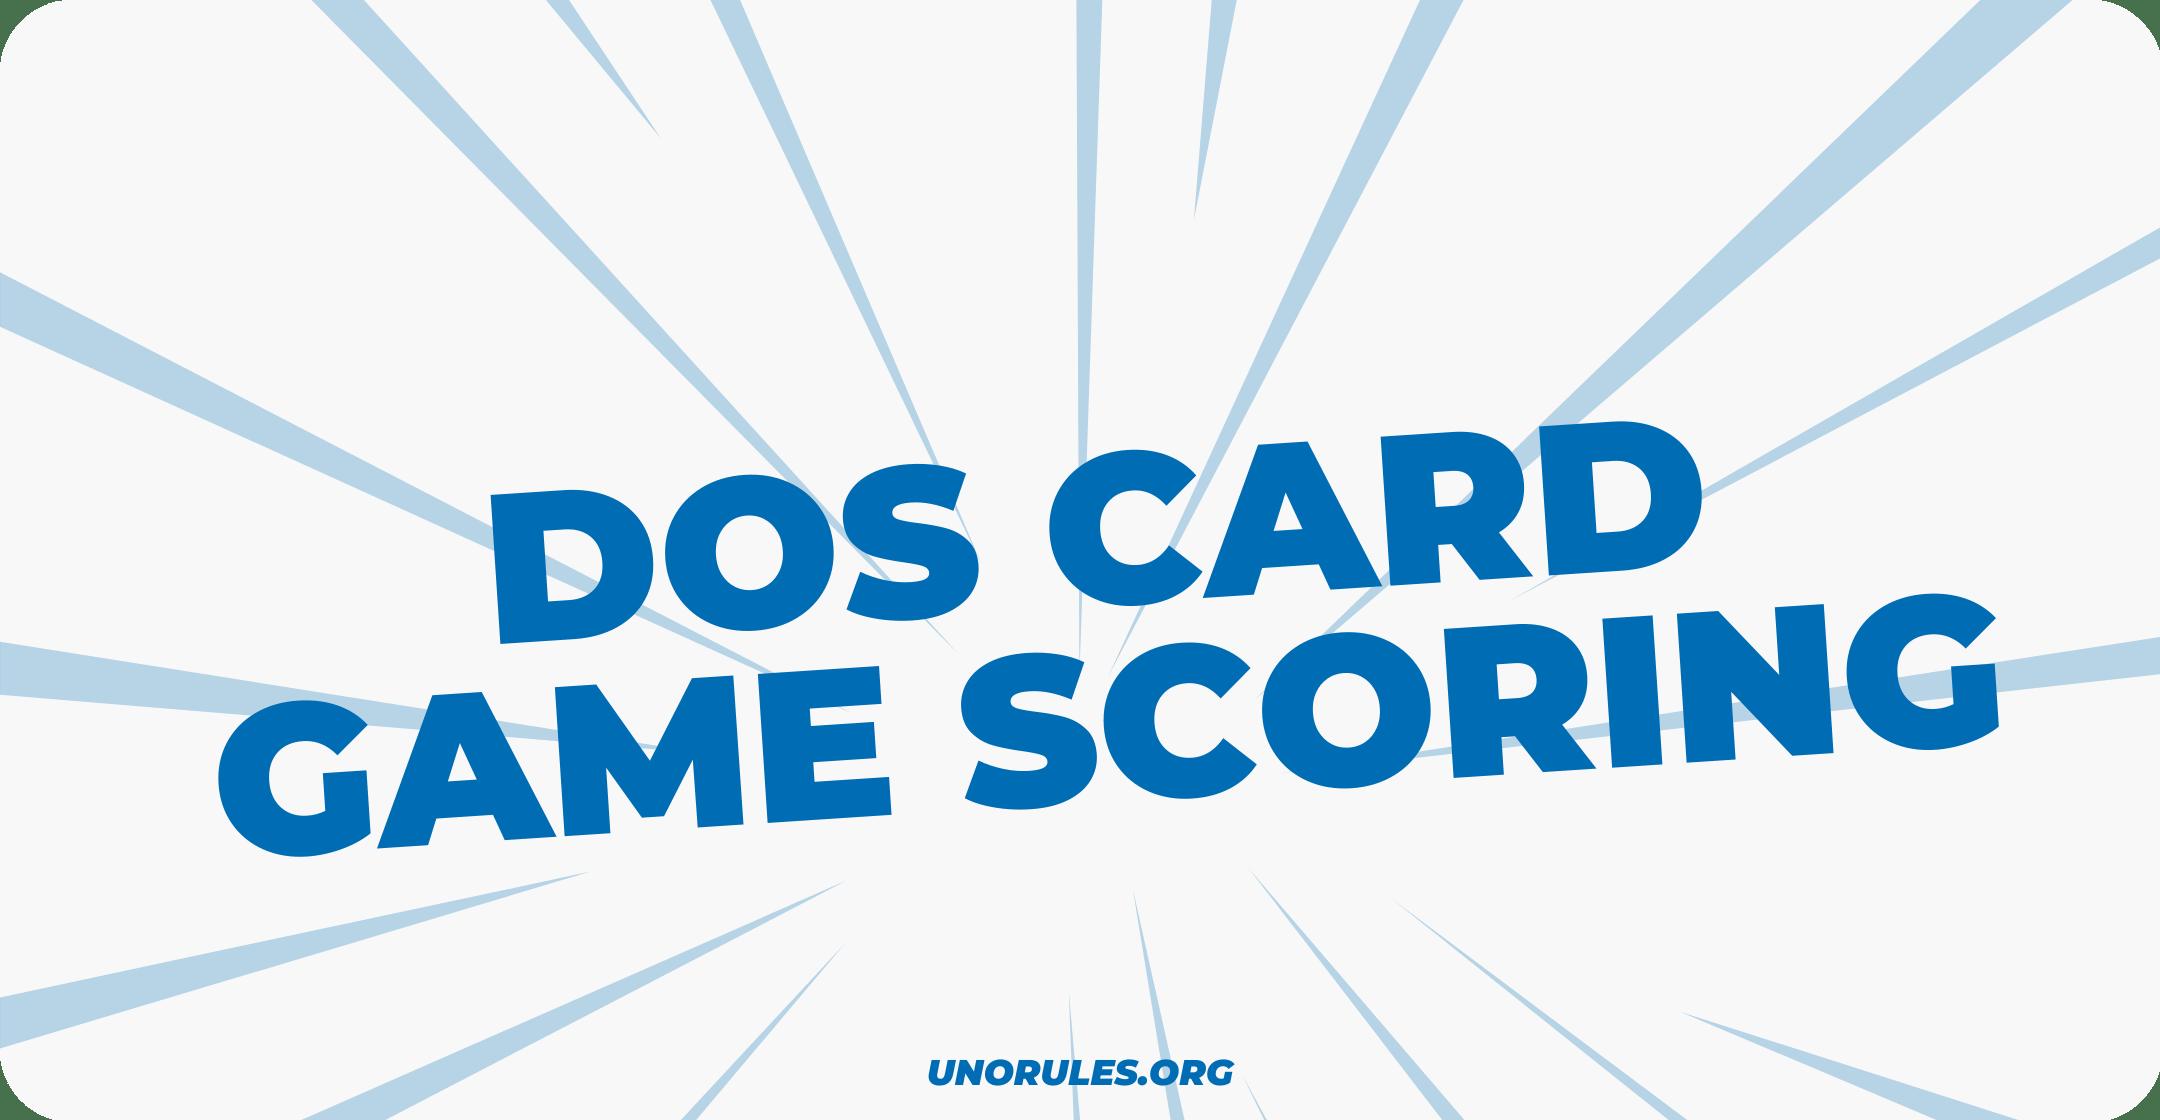 Dos card game scoring